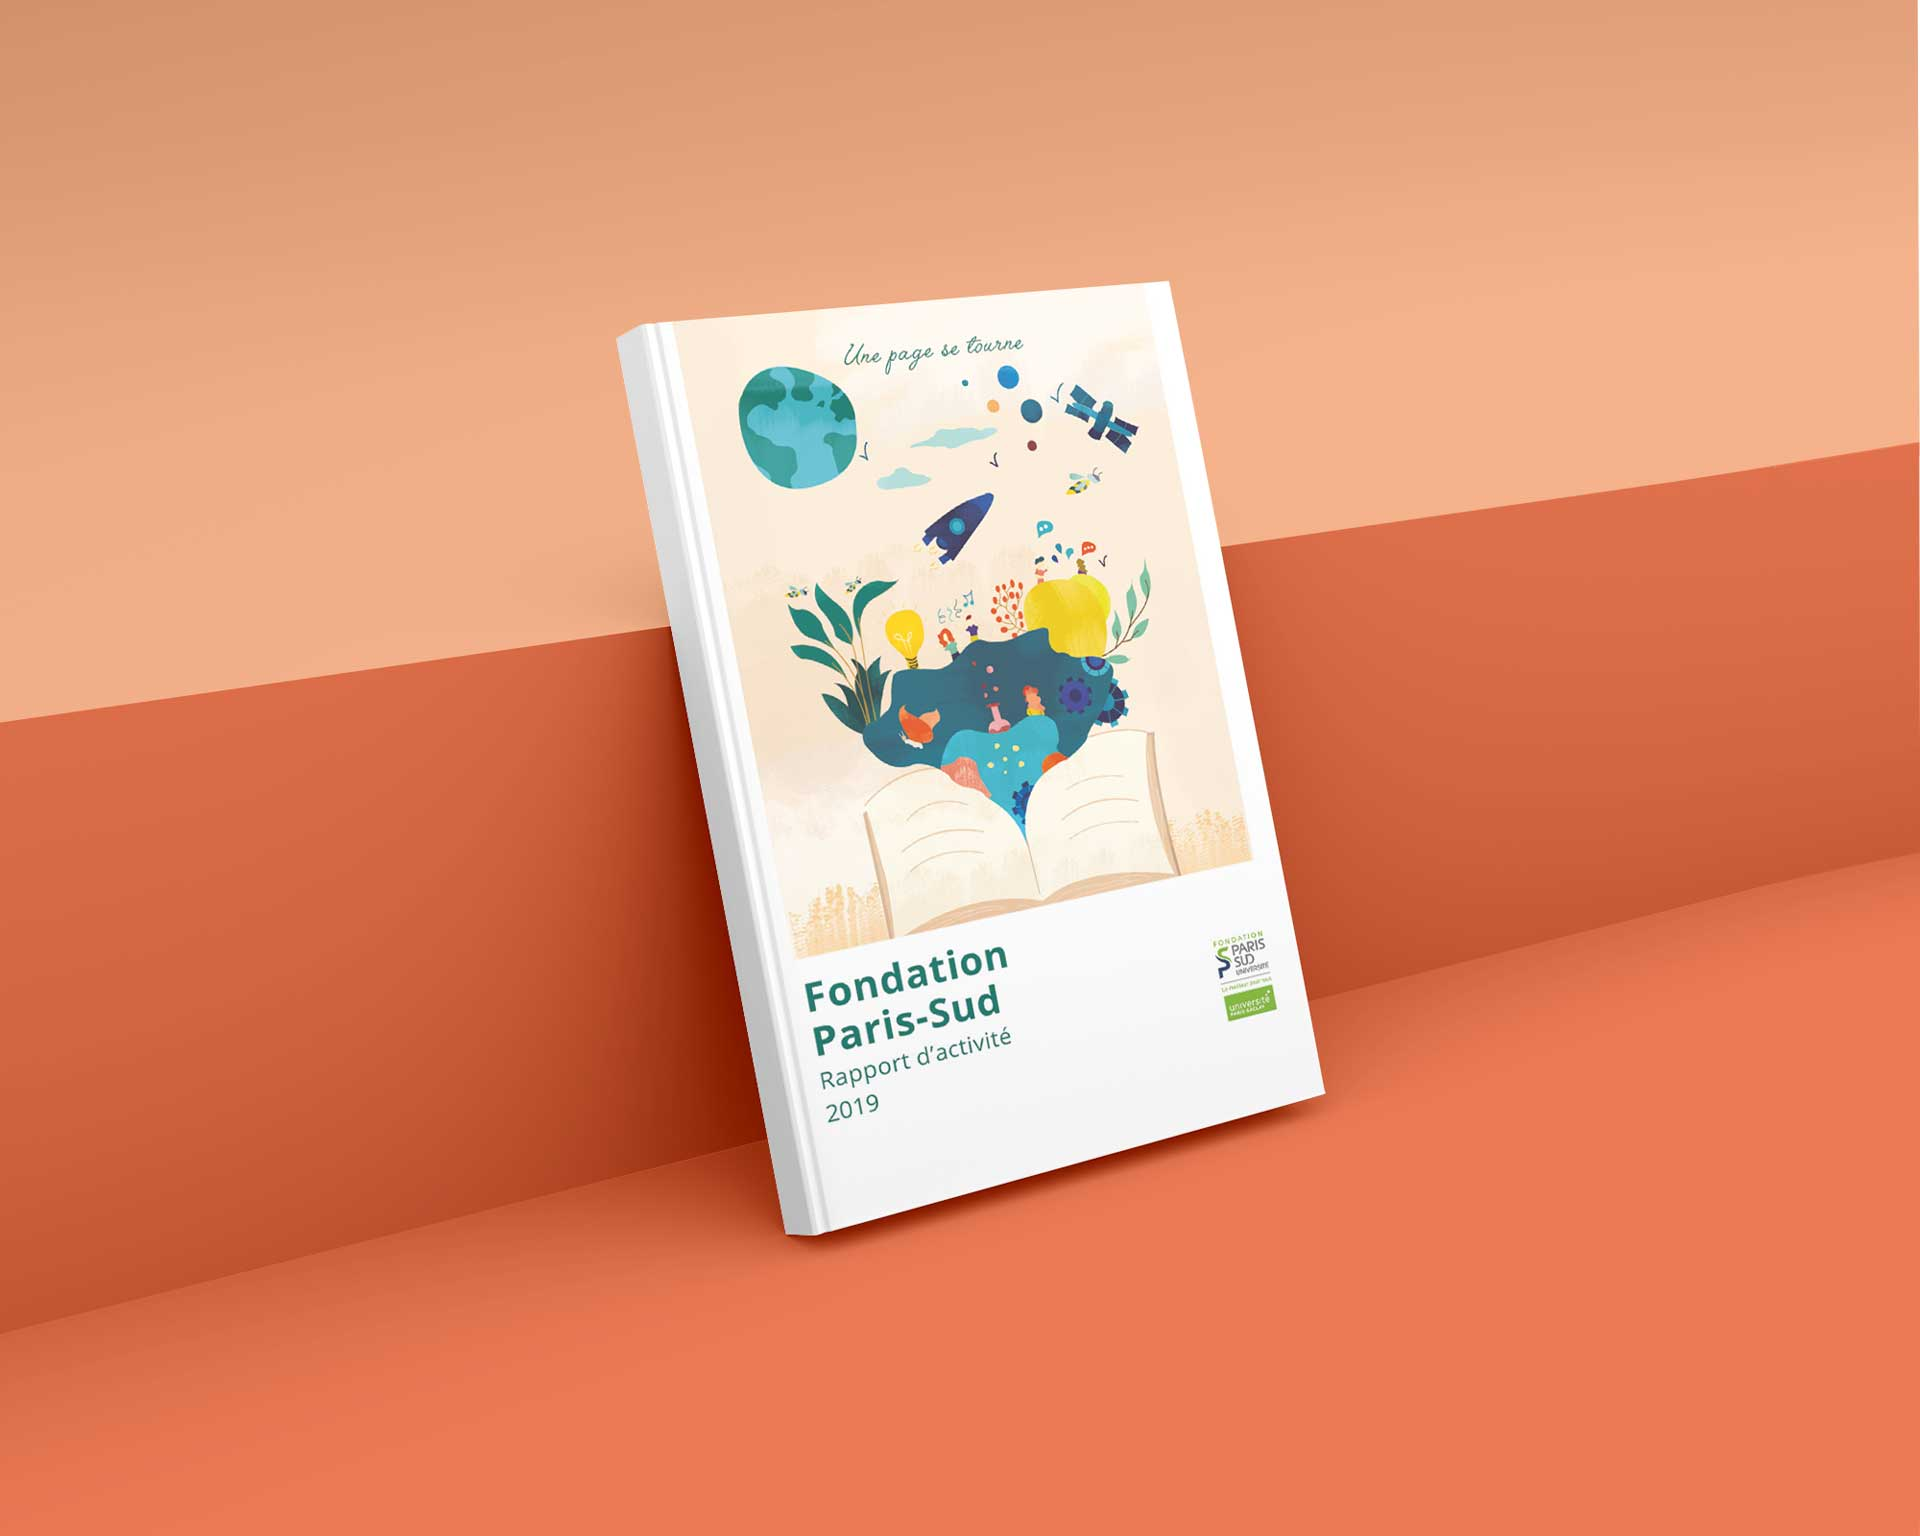 Rapport d'activité – Fondation Paris-Sud